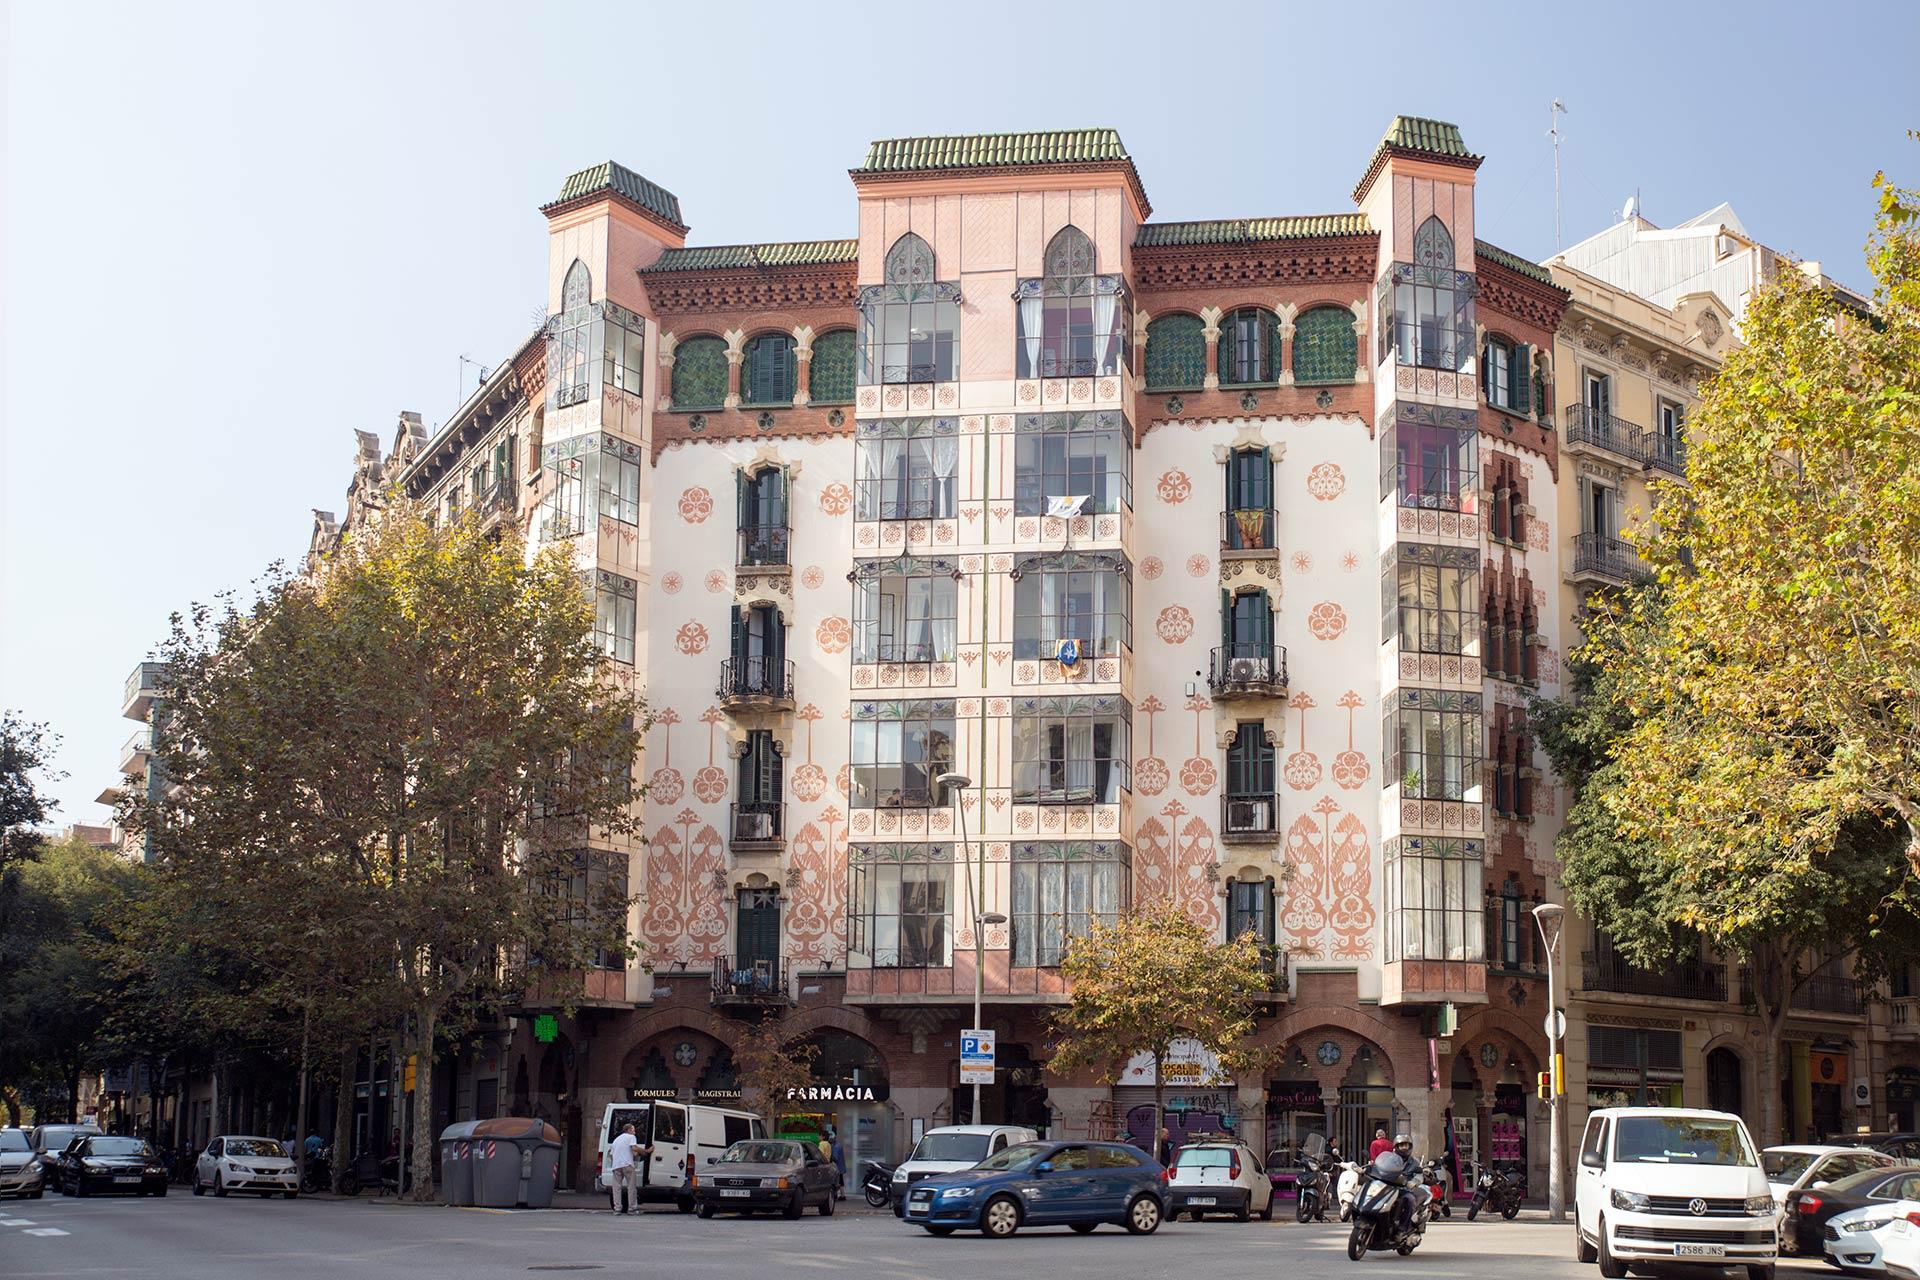 Mista Barcelonan Kaupunginosasta Hotelli Kannattaa Varata Tripsteri